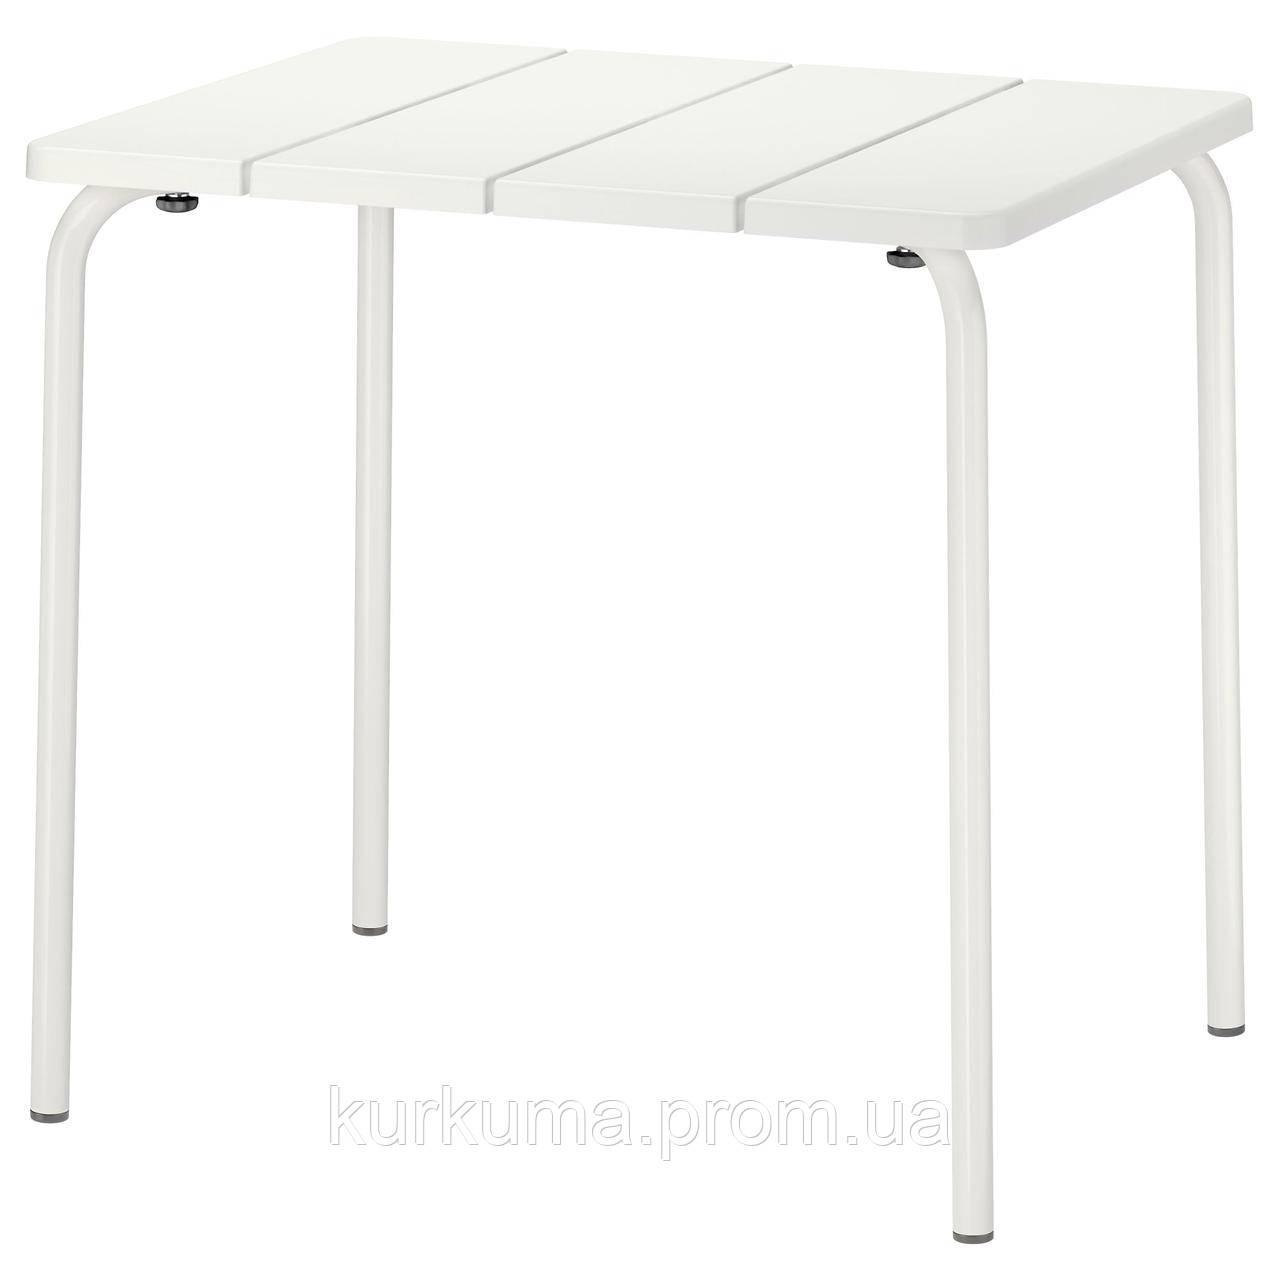 IKEA VADDO Садовый стол, белый  (402.595.11)